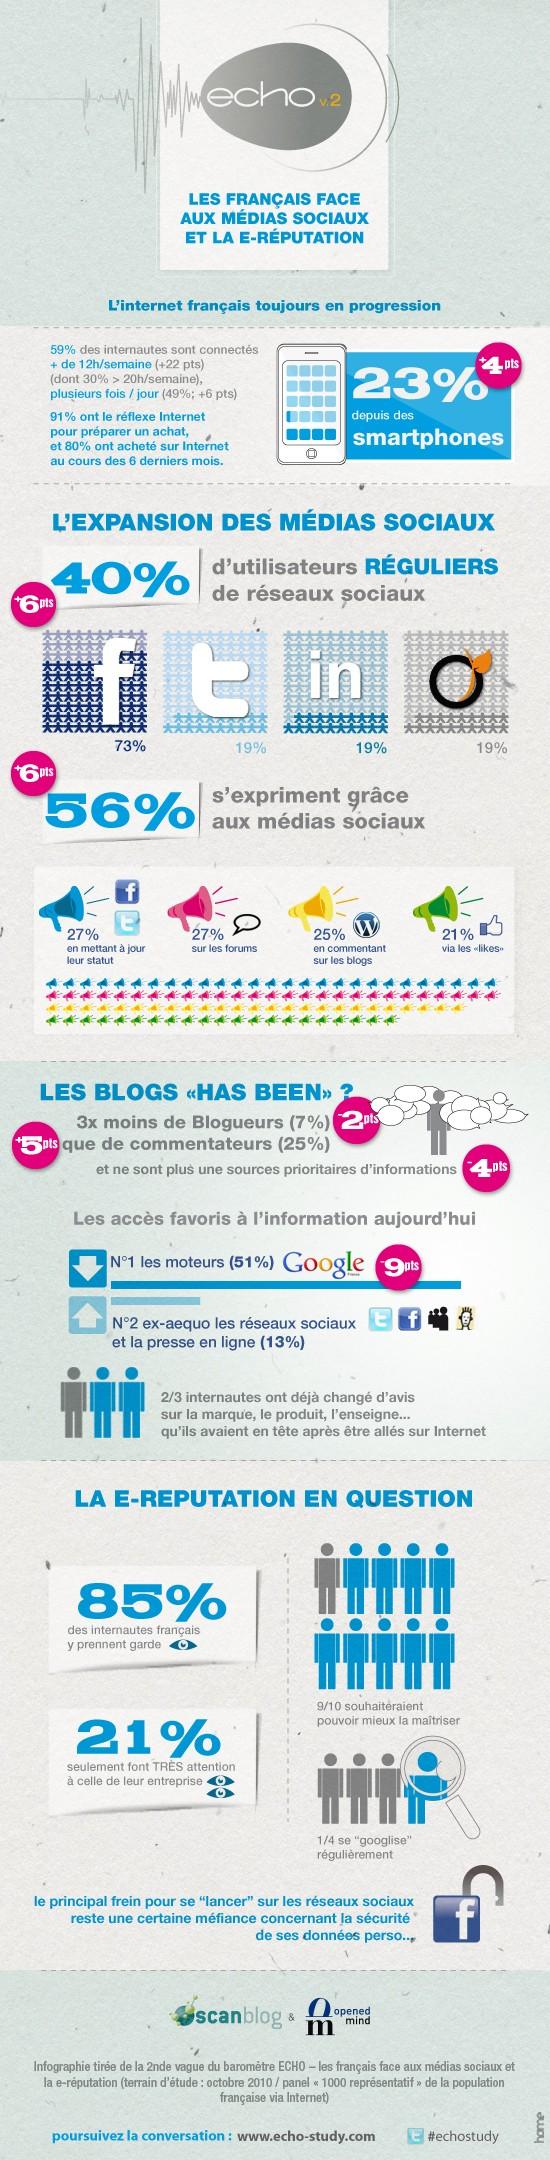 Les Français face aux médias sociaux